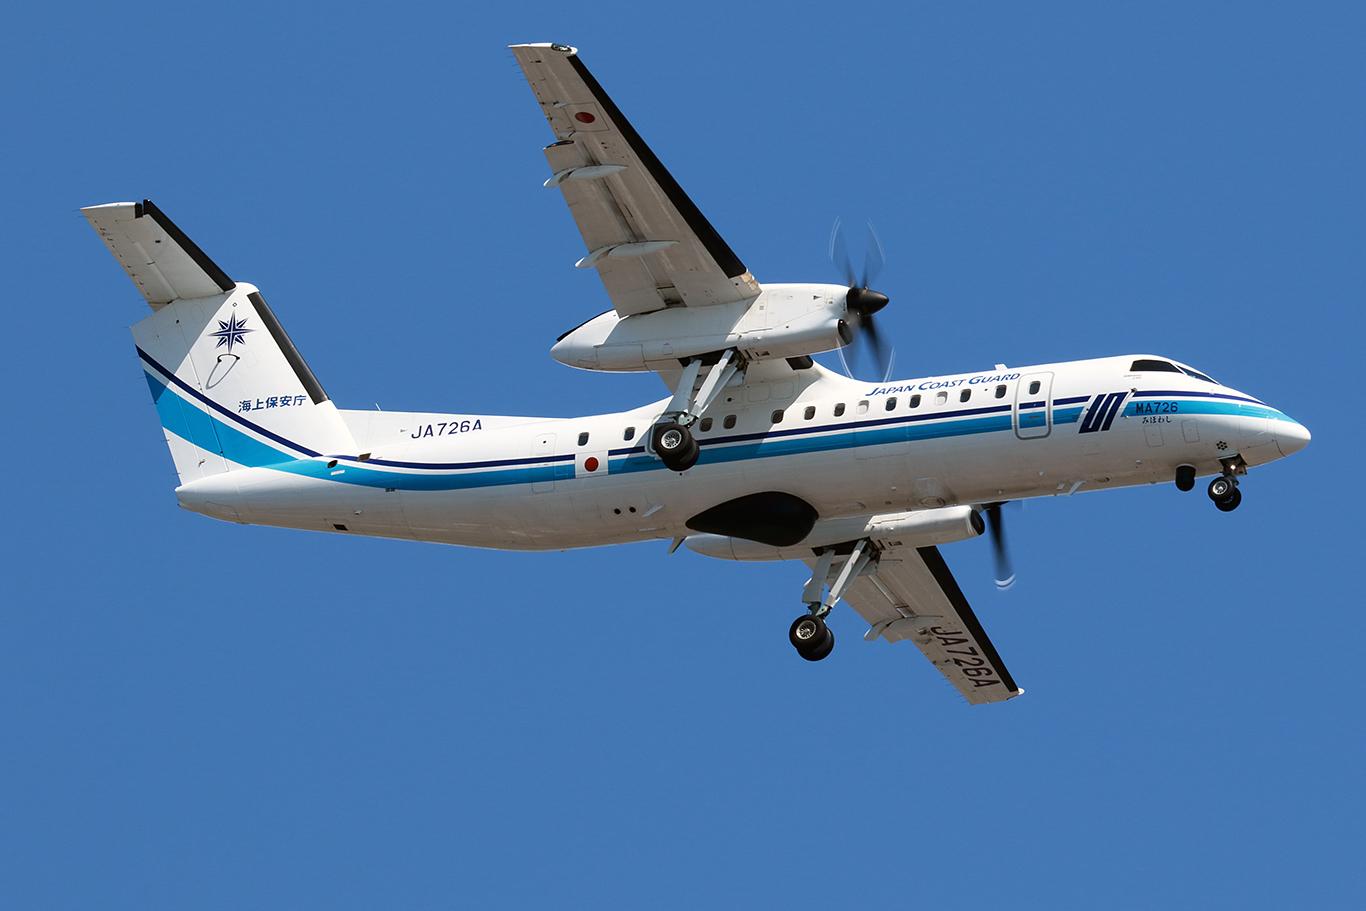 海上保安庁 Japan Coast Guard Bombardier Dash 8-Q315 JA726A